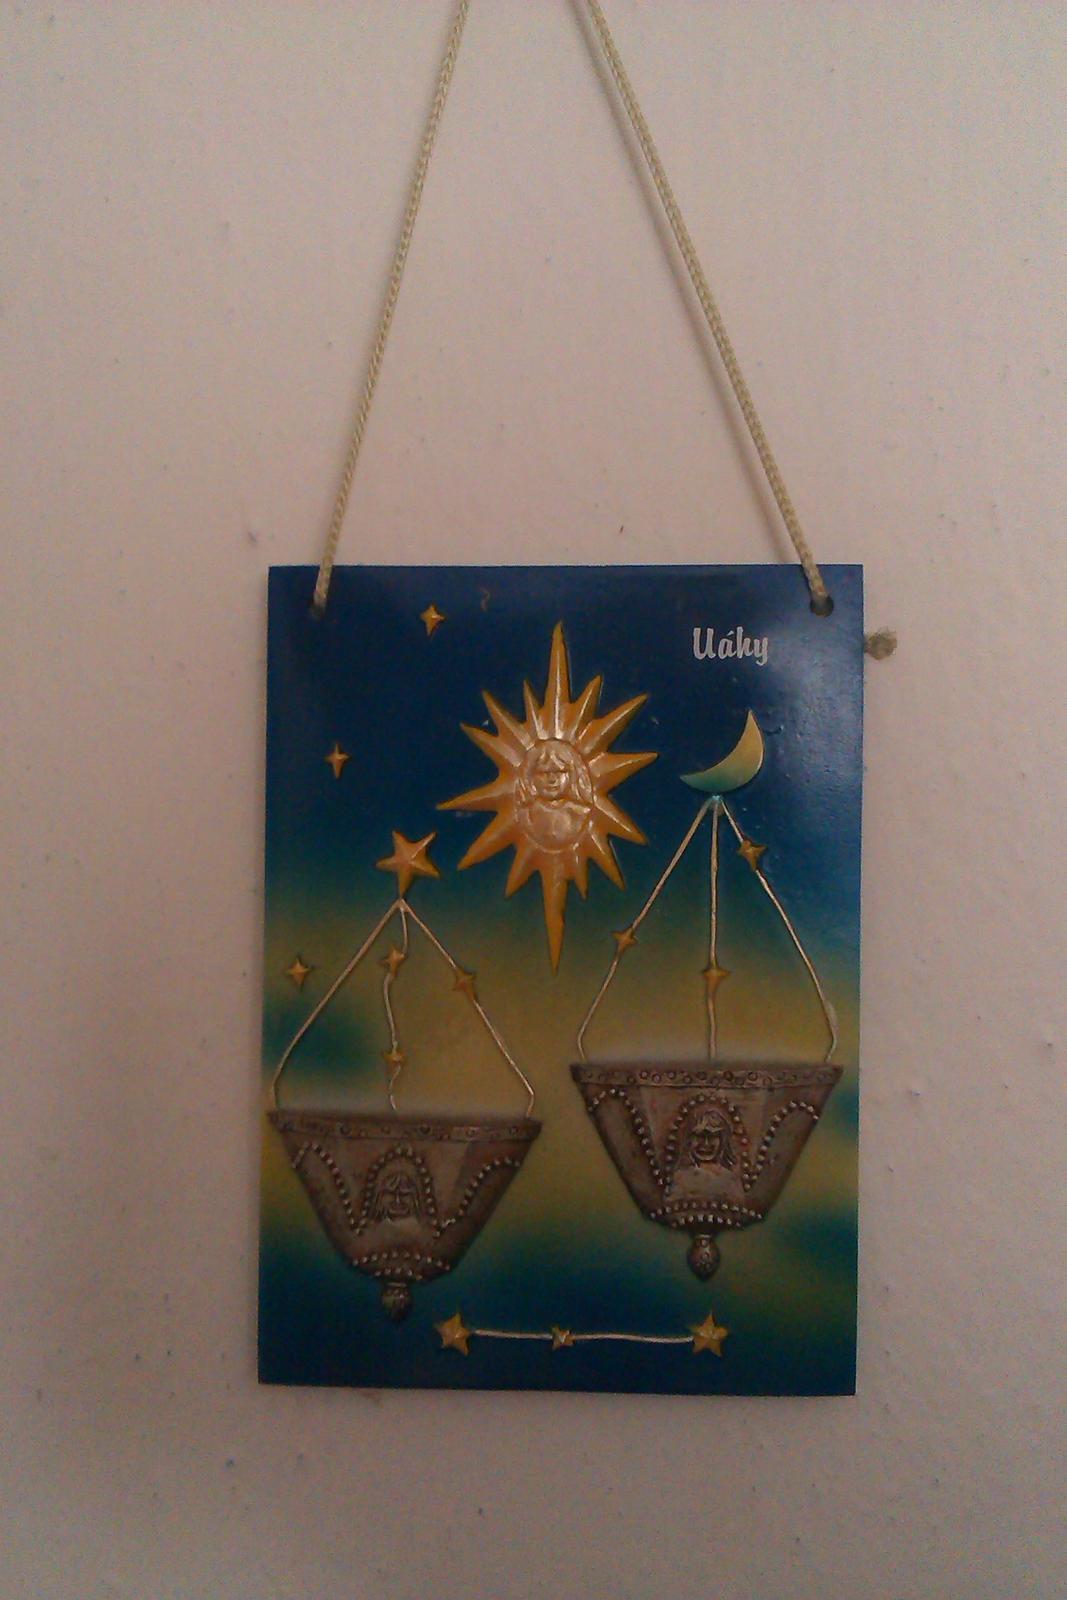 keramicky obraz so znamenim zverokruhu vahy - Obrázok č. 1